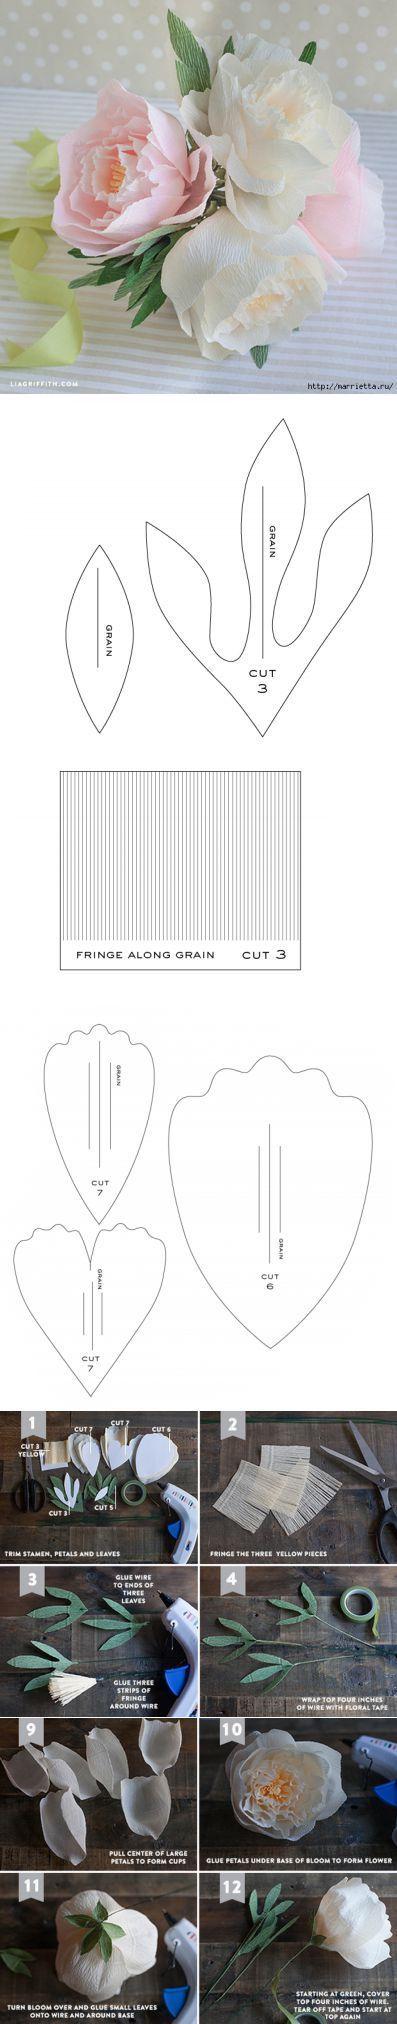 робот из бумаги схема распечатка